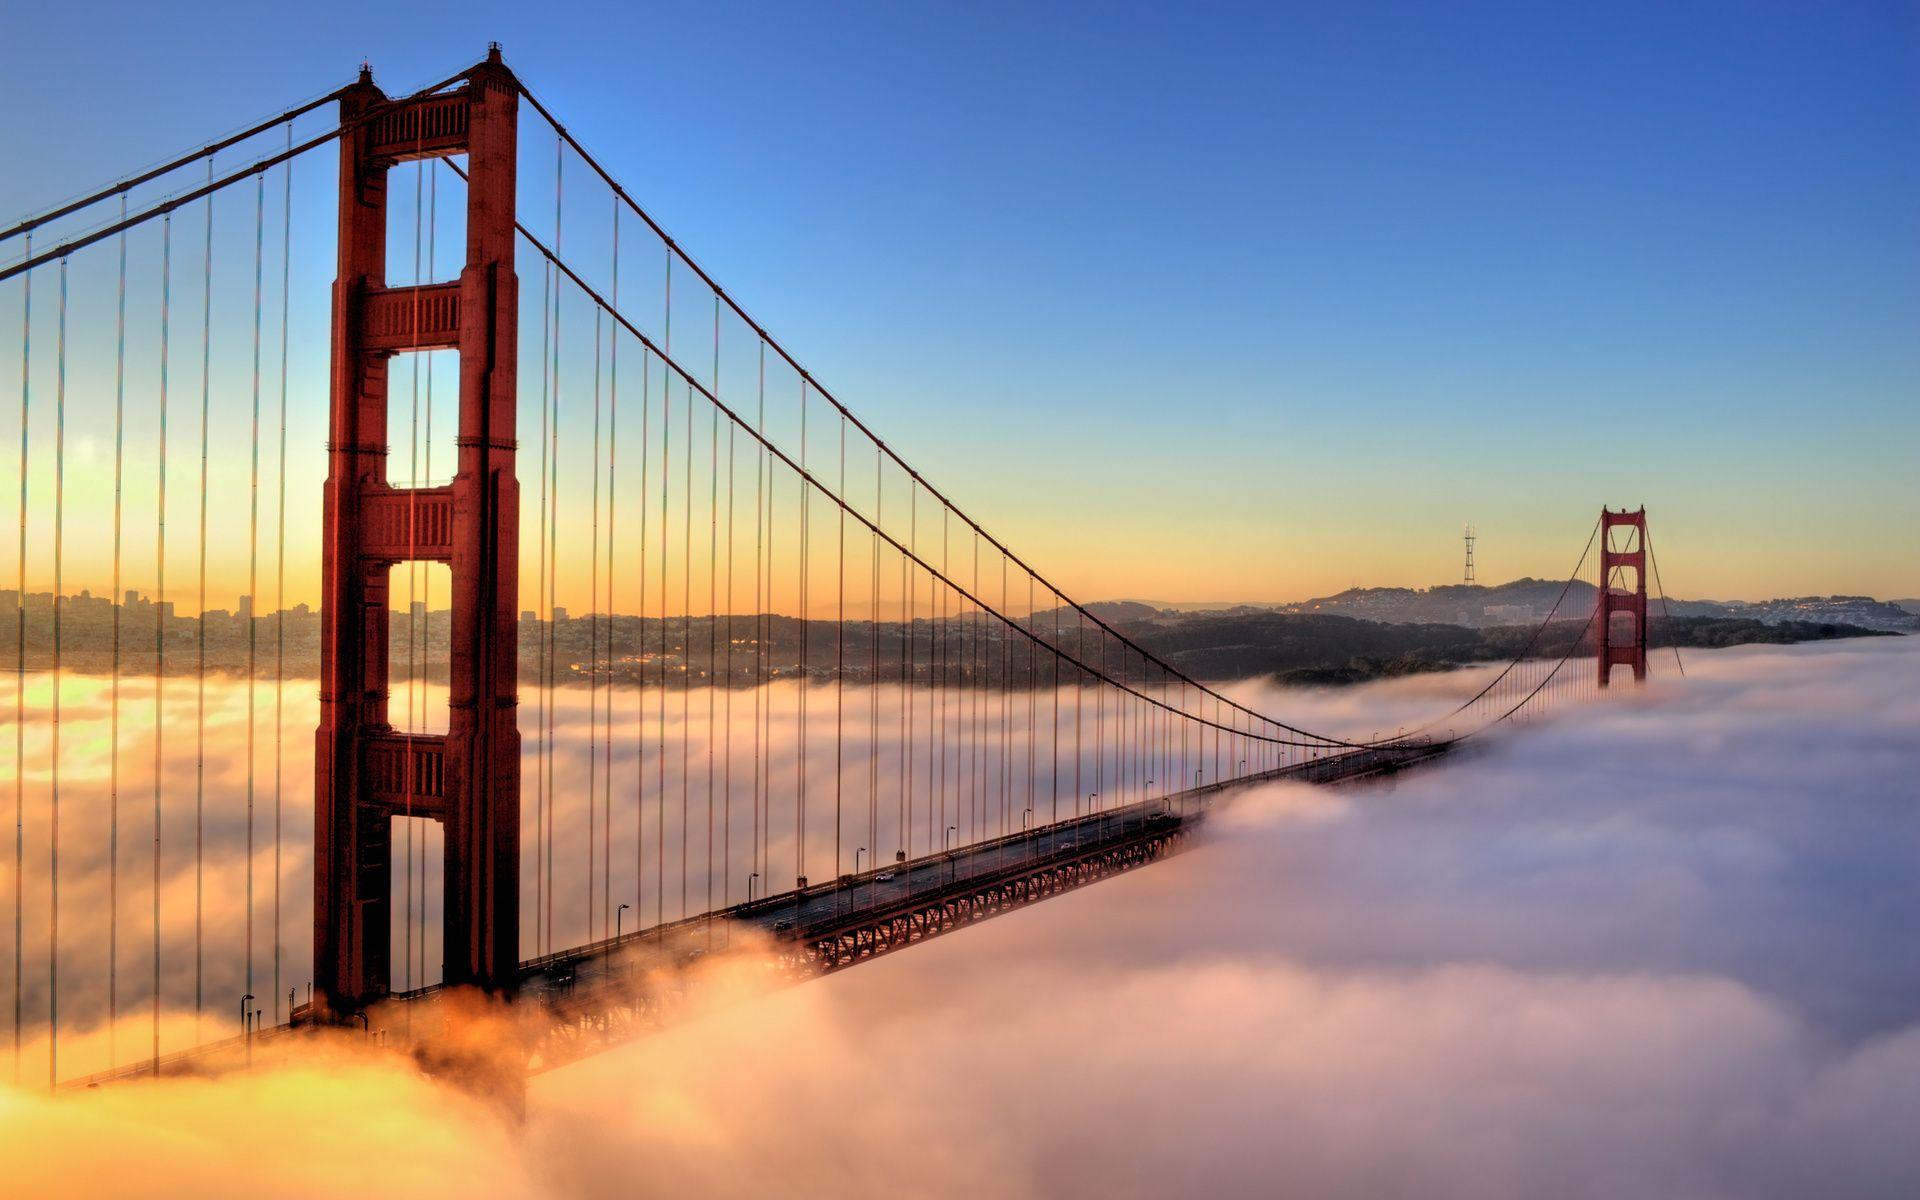 GG Bridge fog.jpg